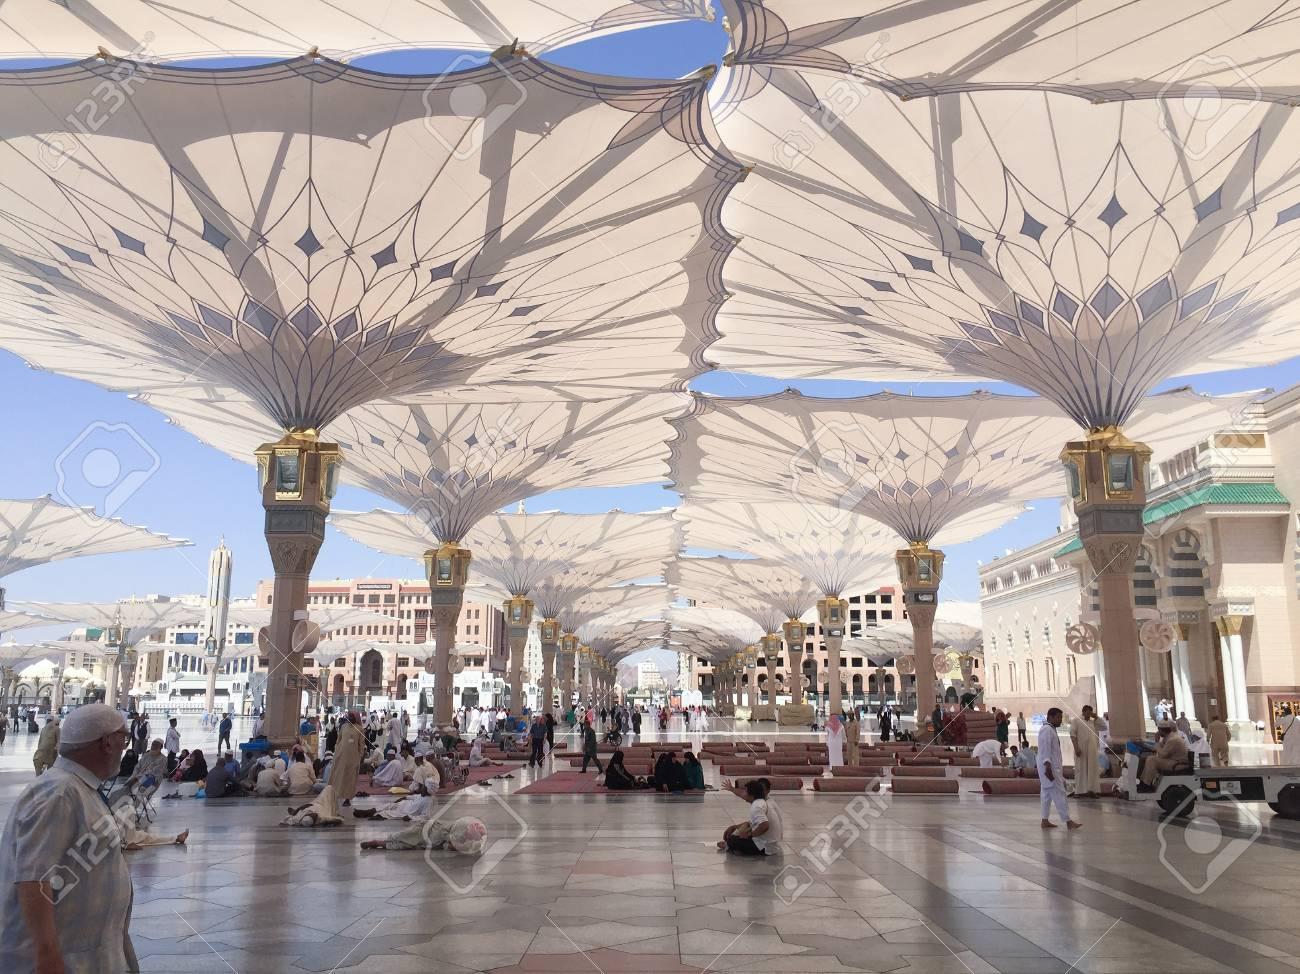 80586201-メディナの預言者ムハンマドのモスクで巨大な開閉式テントの下で休むマディーナ-サウジアラビア王国-2016-年-4-月-19-日-イスラム教信者